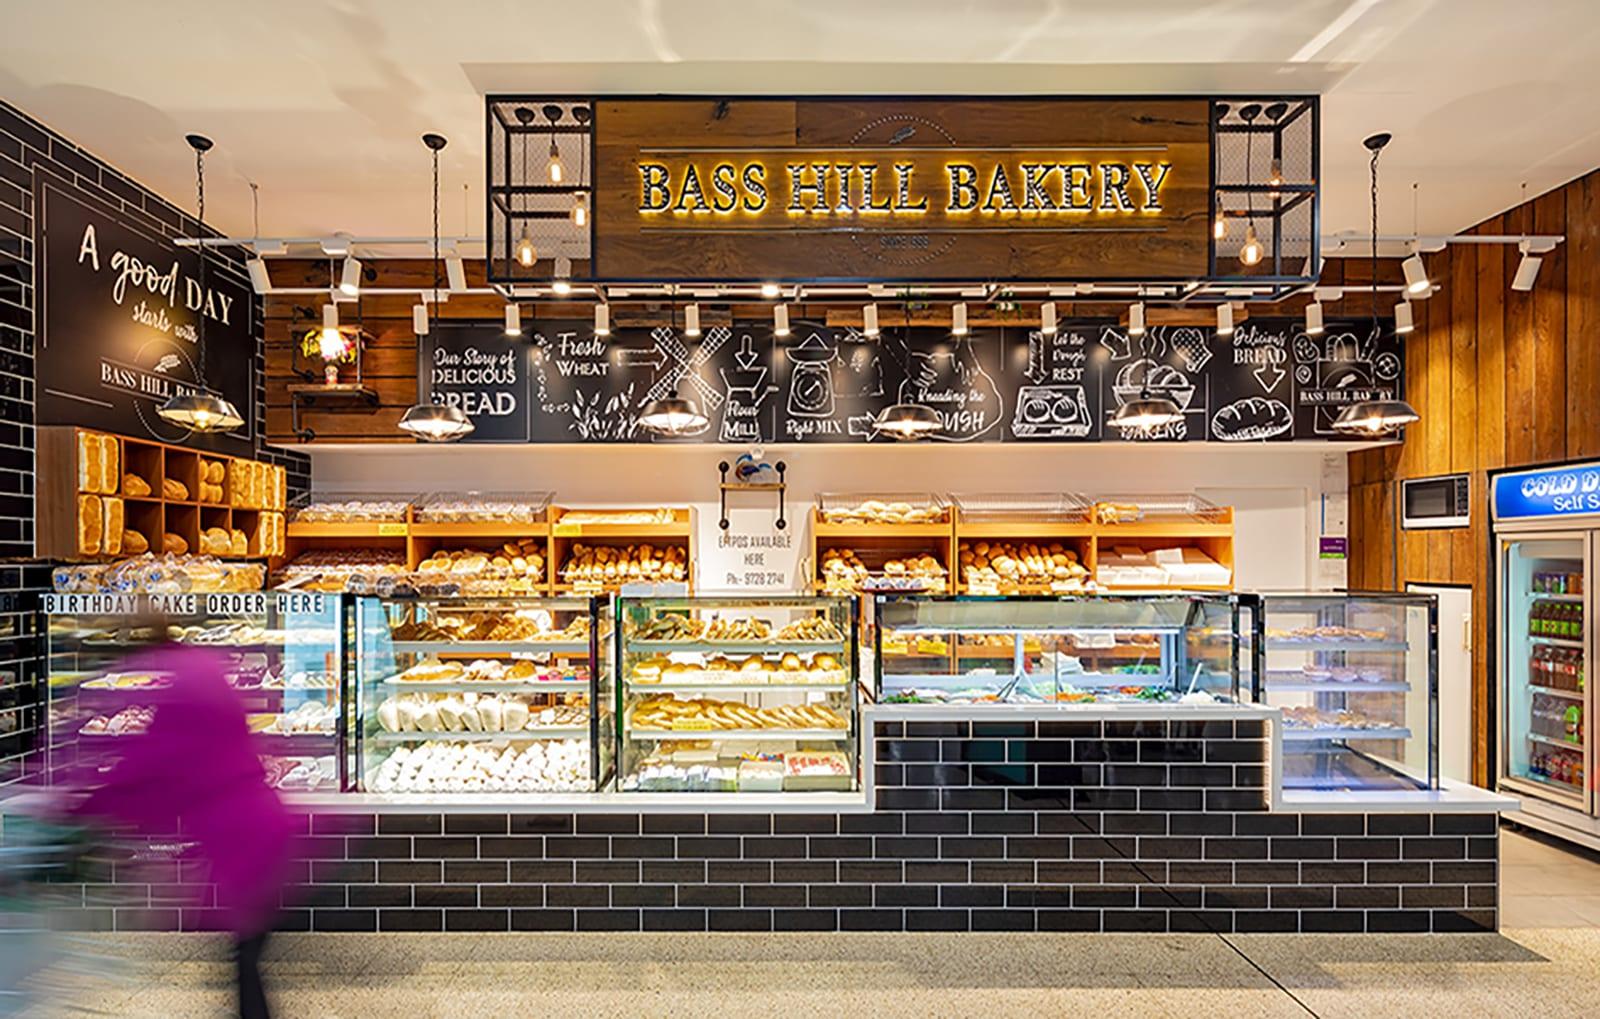 BASSHILL BAKERY, Basshill